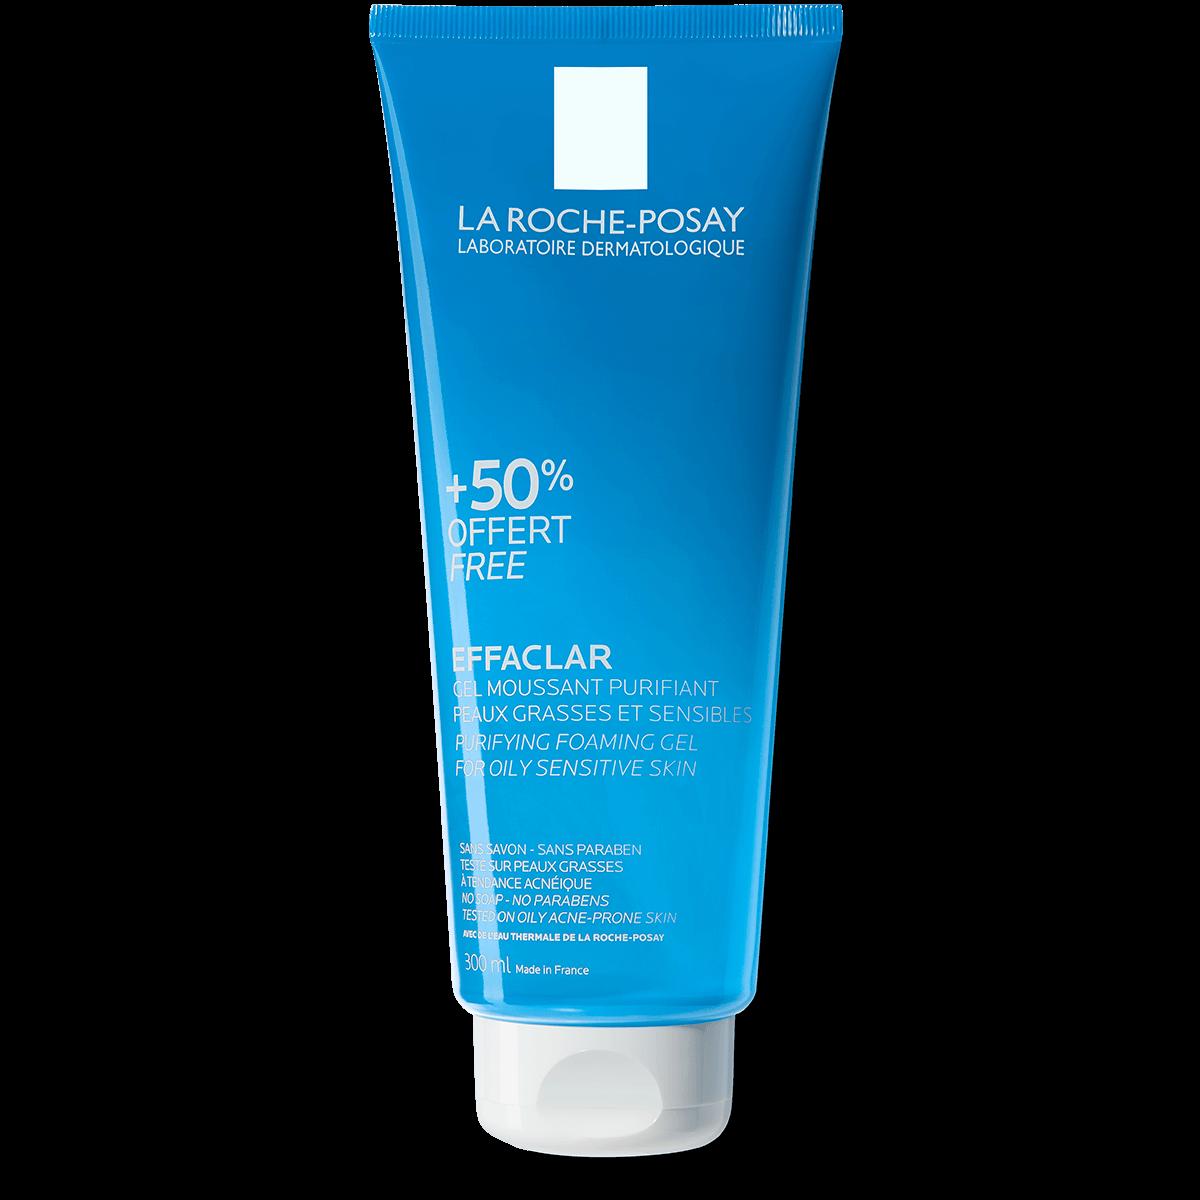 La Roche Posay Face Cleanser Effaclar Cleansing Foaming Gel 300ml 3337